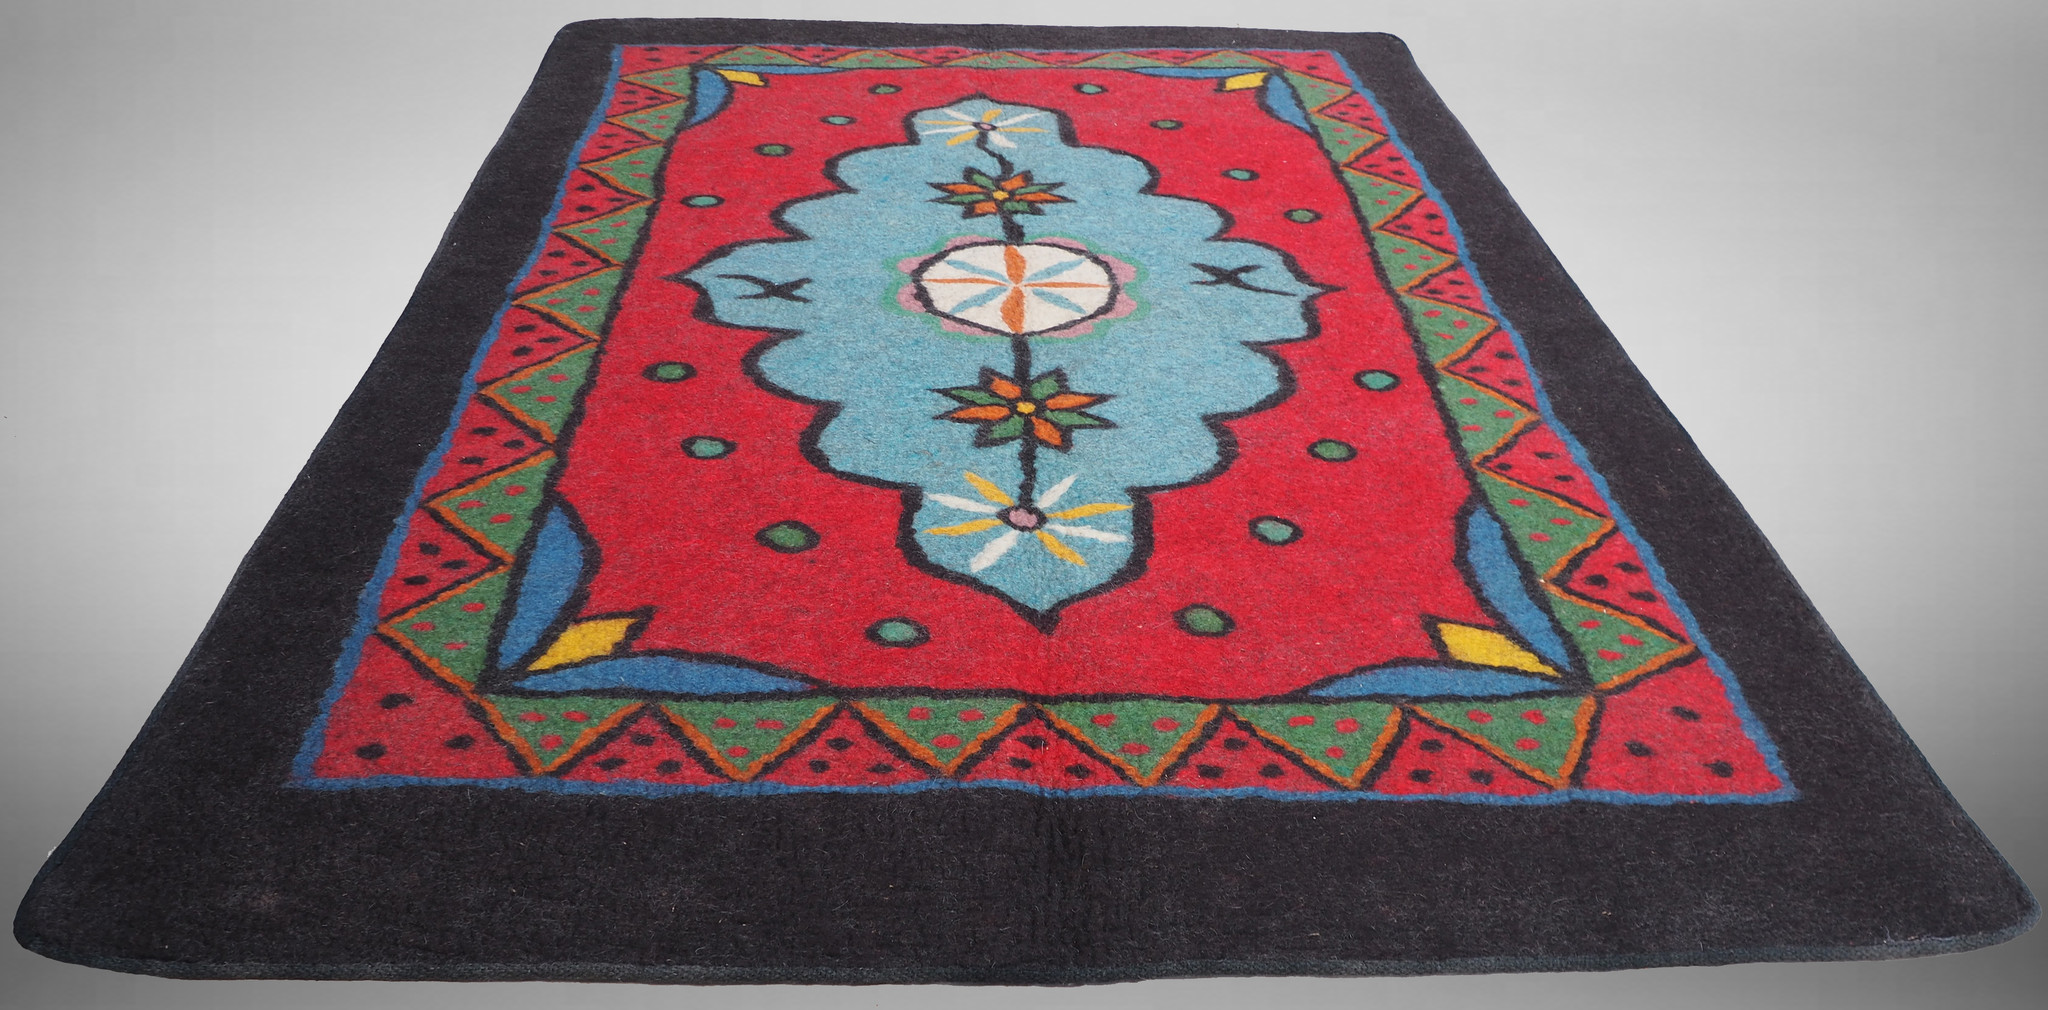 250x174 cm orient handgewebte Teppich Nomaden handgearbeitete Turkmenische nomanden Jurten Filzteppich Filz aus Nor Afghanistan shyrdak N698